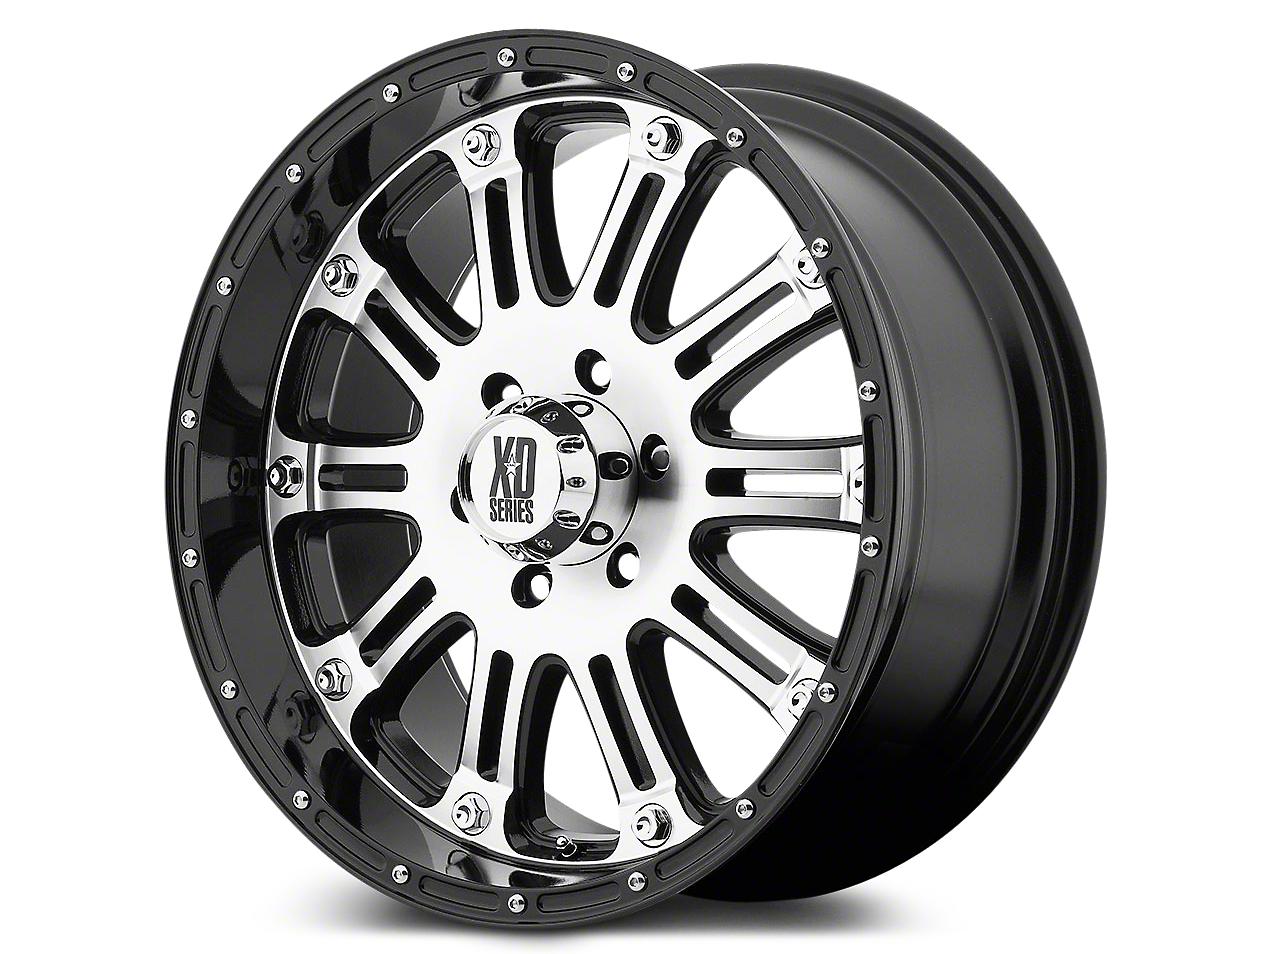 XD Hoss Gloss Black w/ Machined Face Wheels (07-18 Wrangler JK; 2018 Wrangler JL)